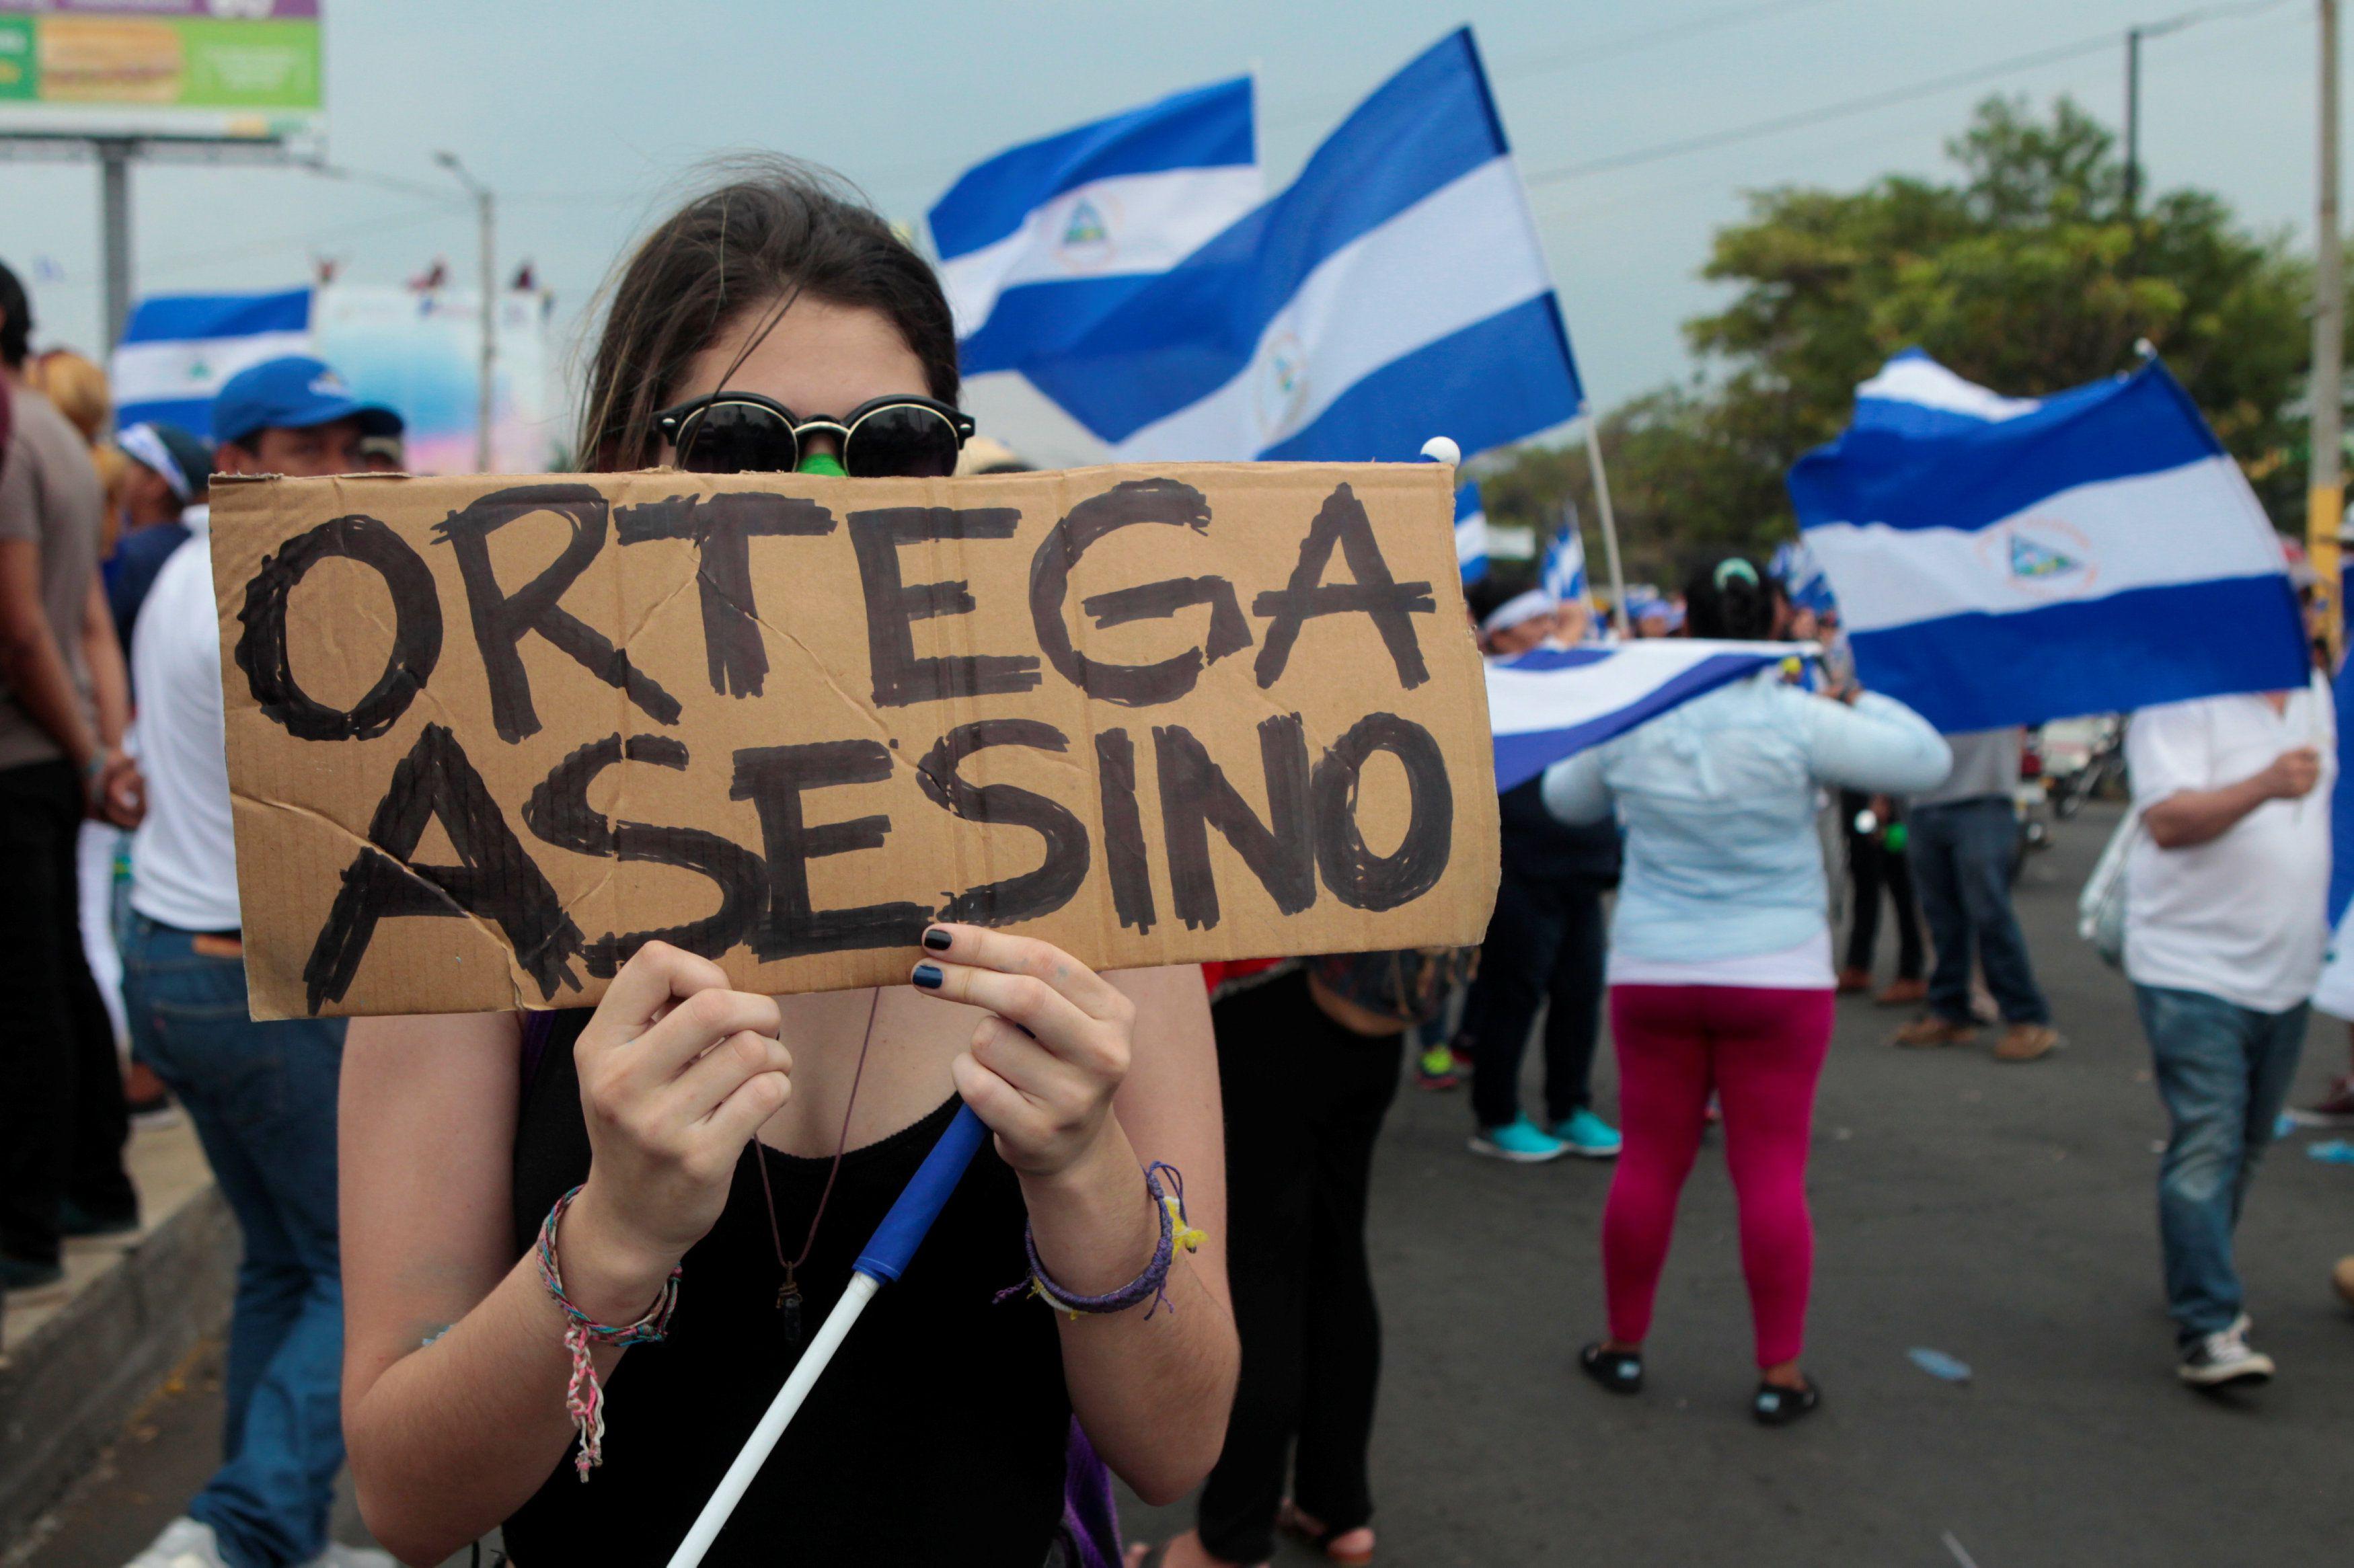 Las manifestaciones contra el régimen de Daniel Ortega en Nicaragua comenzaron el 18 de abril (REUTERS/Oswaldo Rivas)